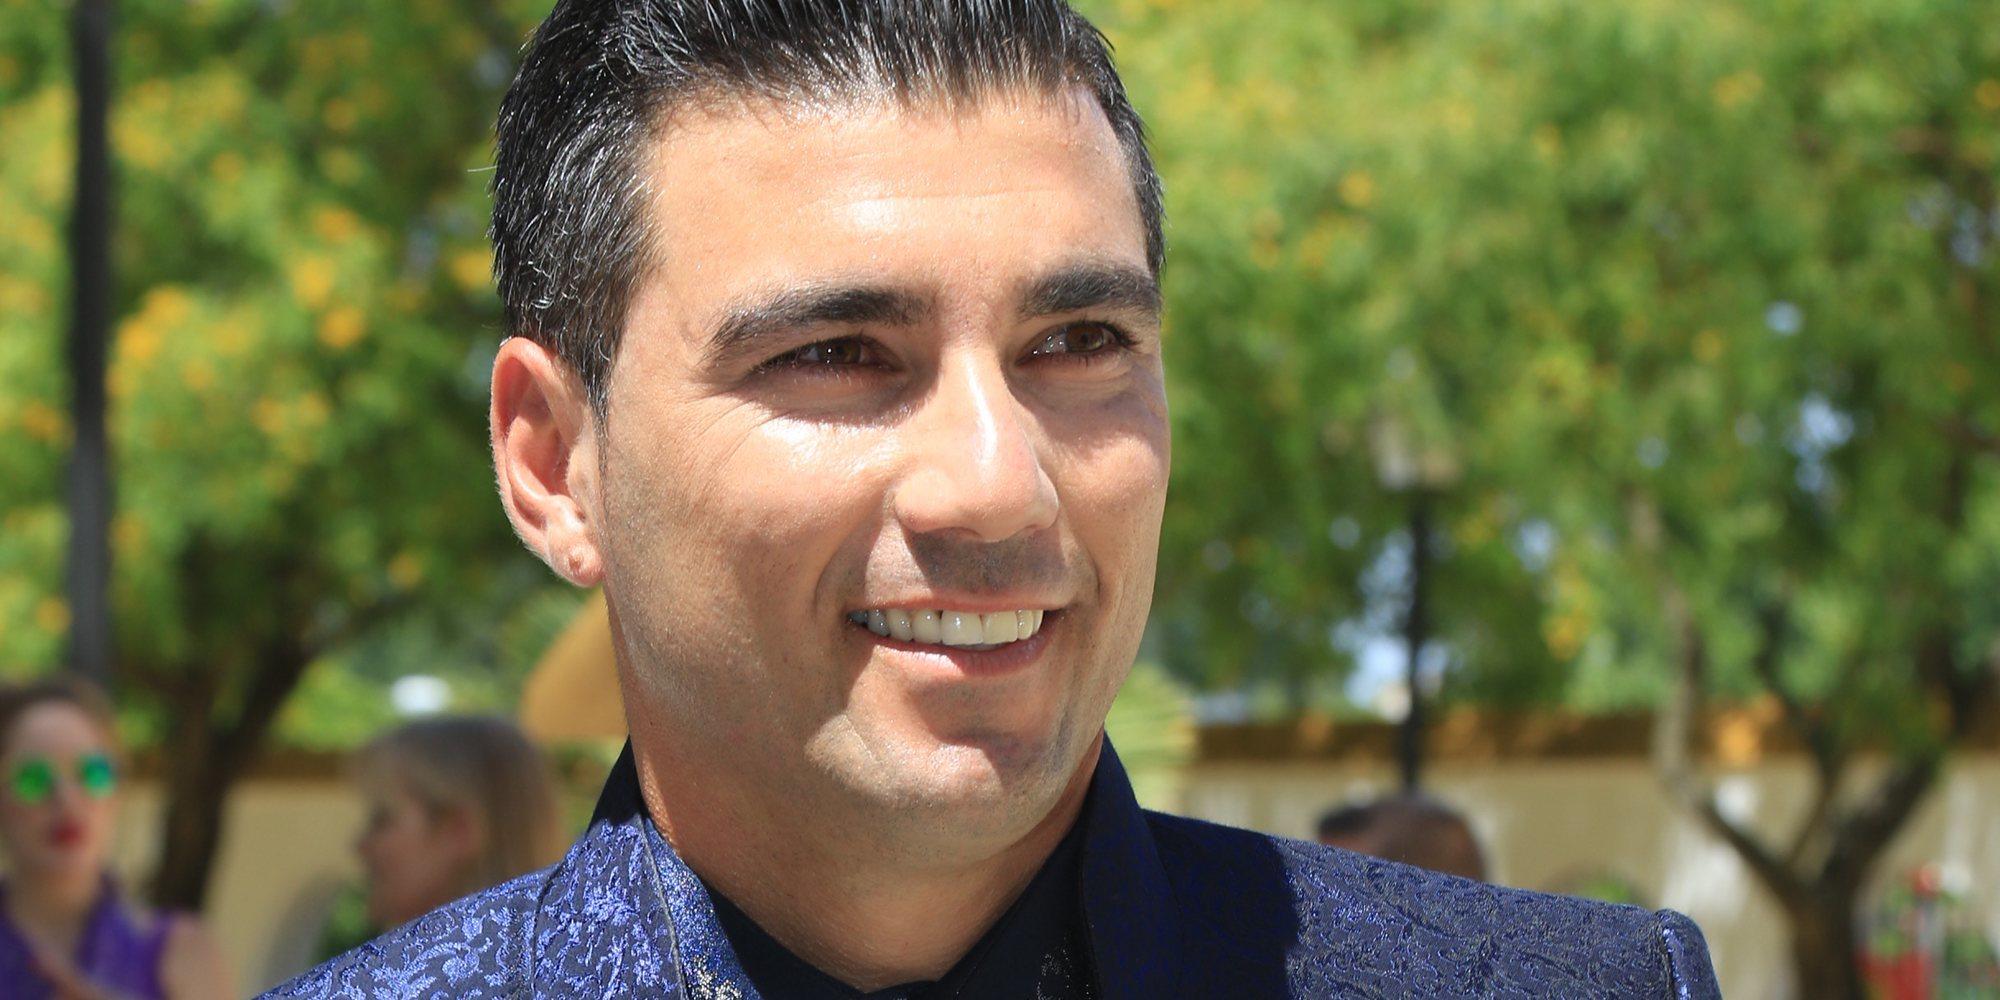 La familia de José Antonio Reyes emite un comunicado para que cesen falsas informaciones sobre el accidente